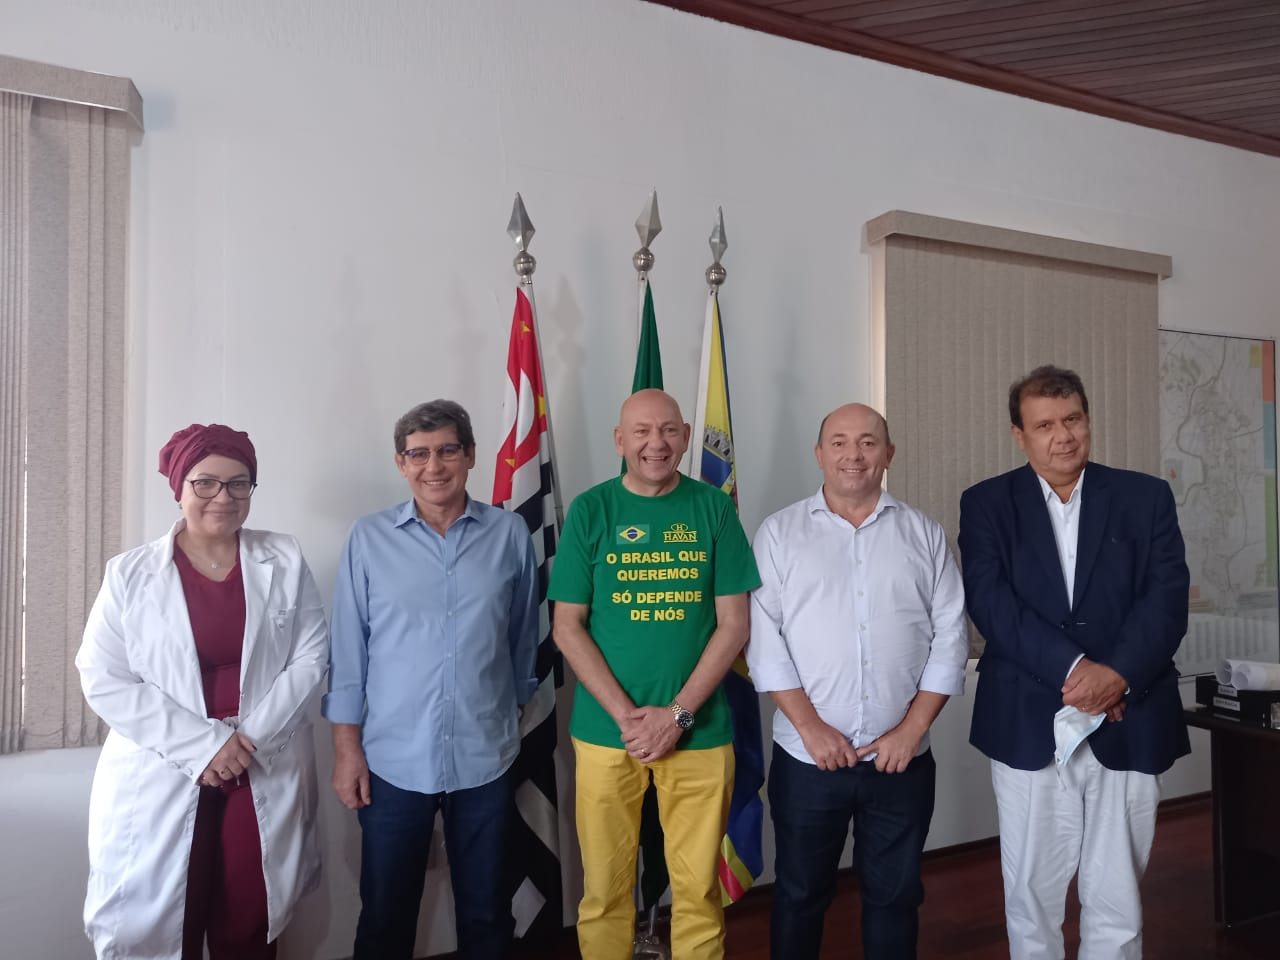 Prefeito de Brusque conhece tratamento precoce e preventivo contra Covid-19 em Porto Feliz (SP)